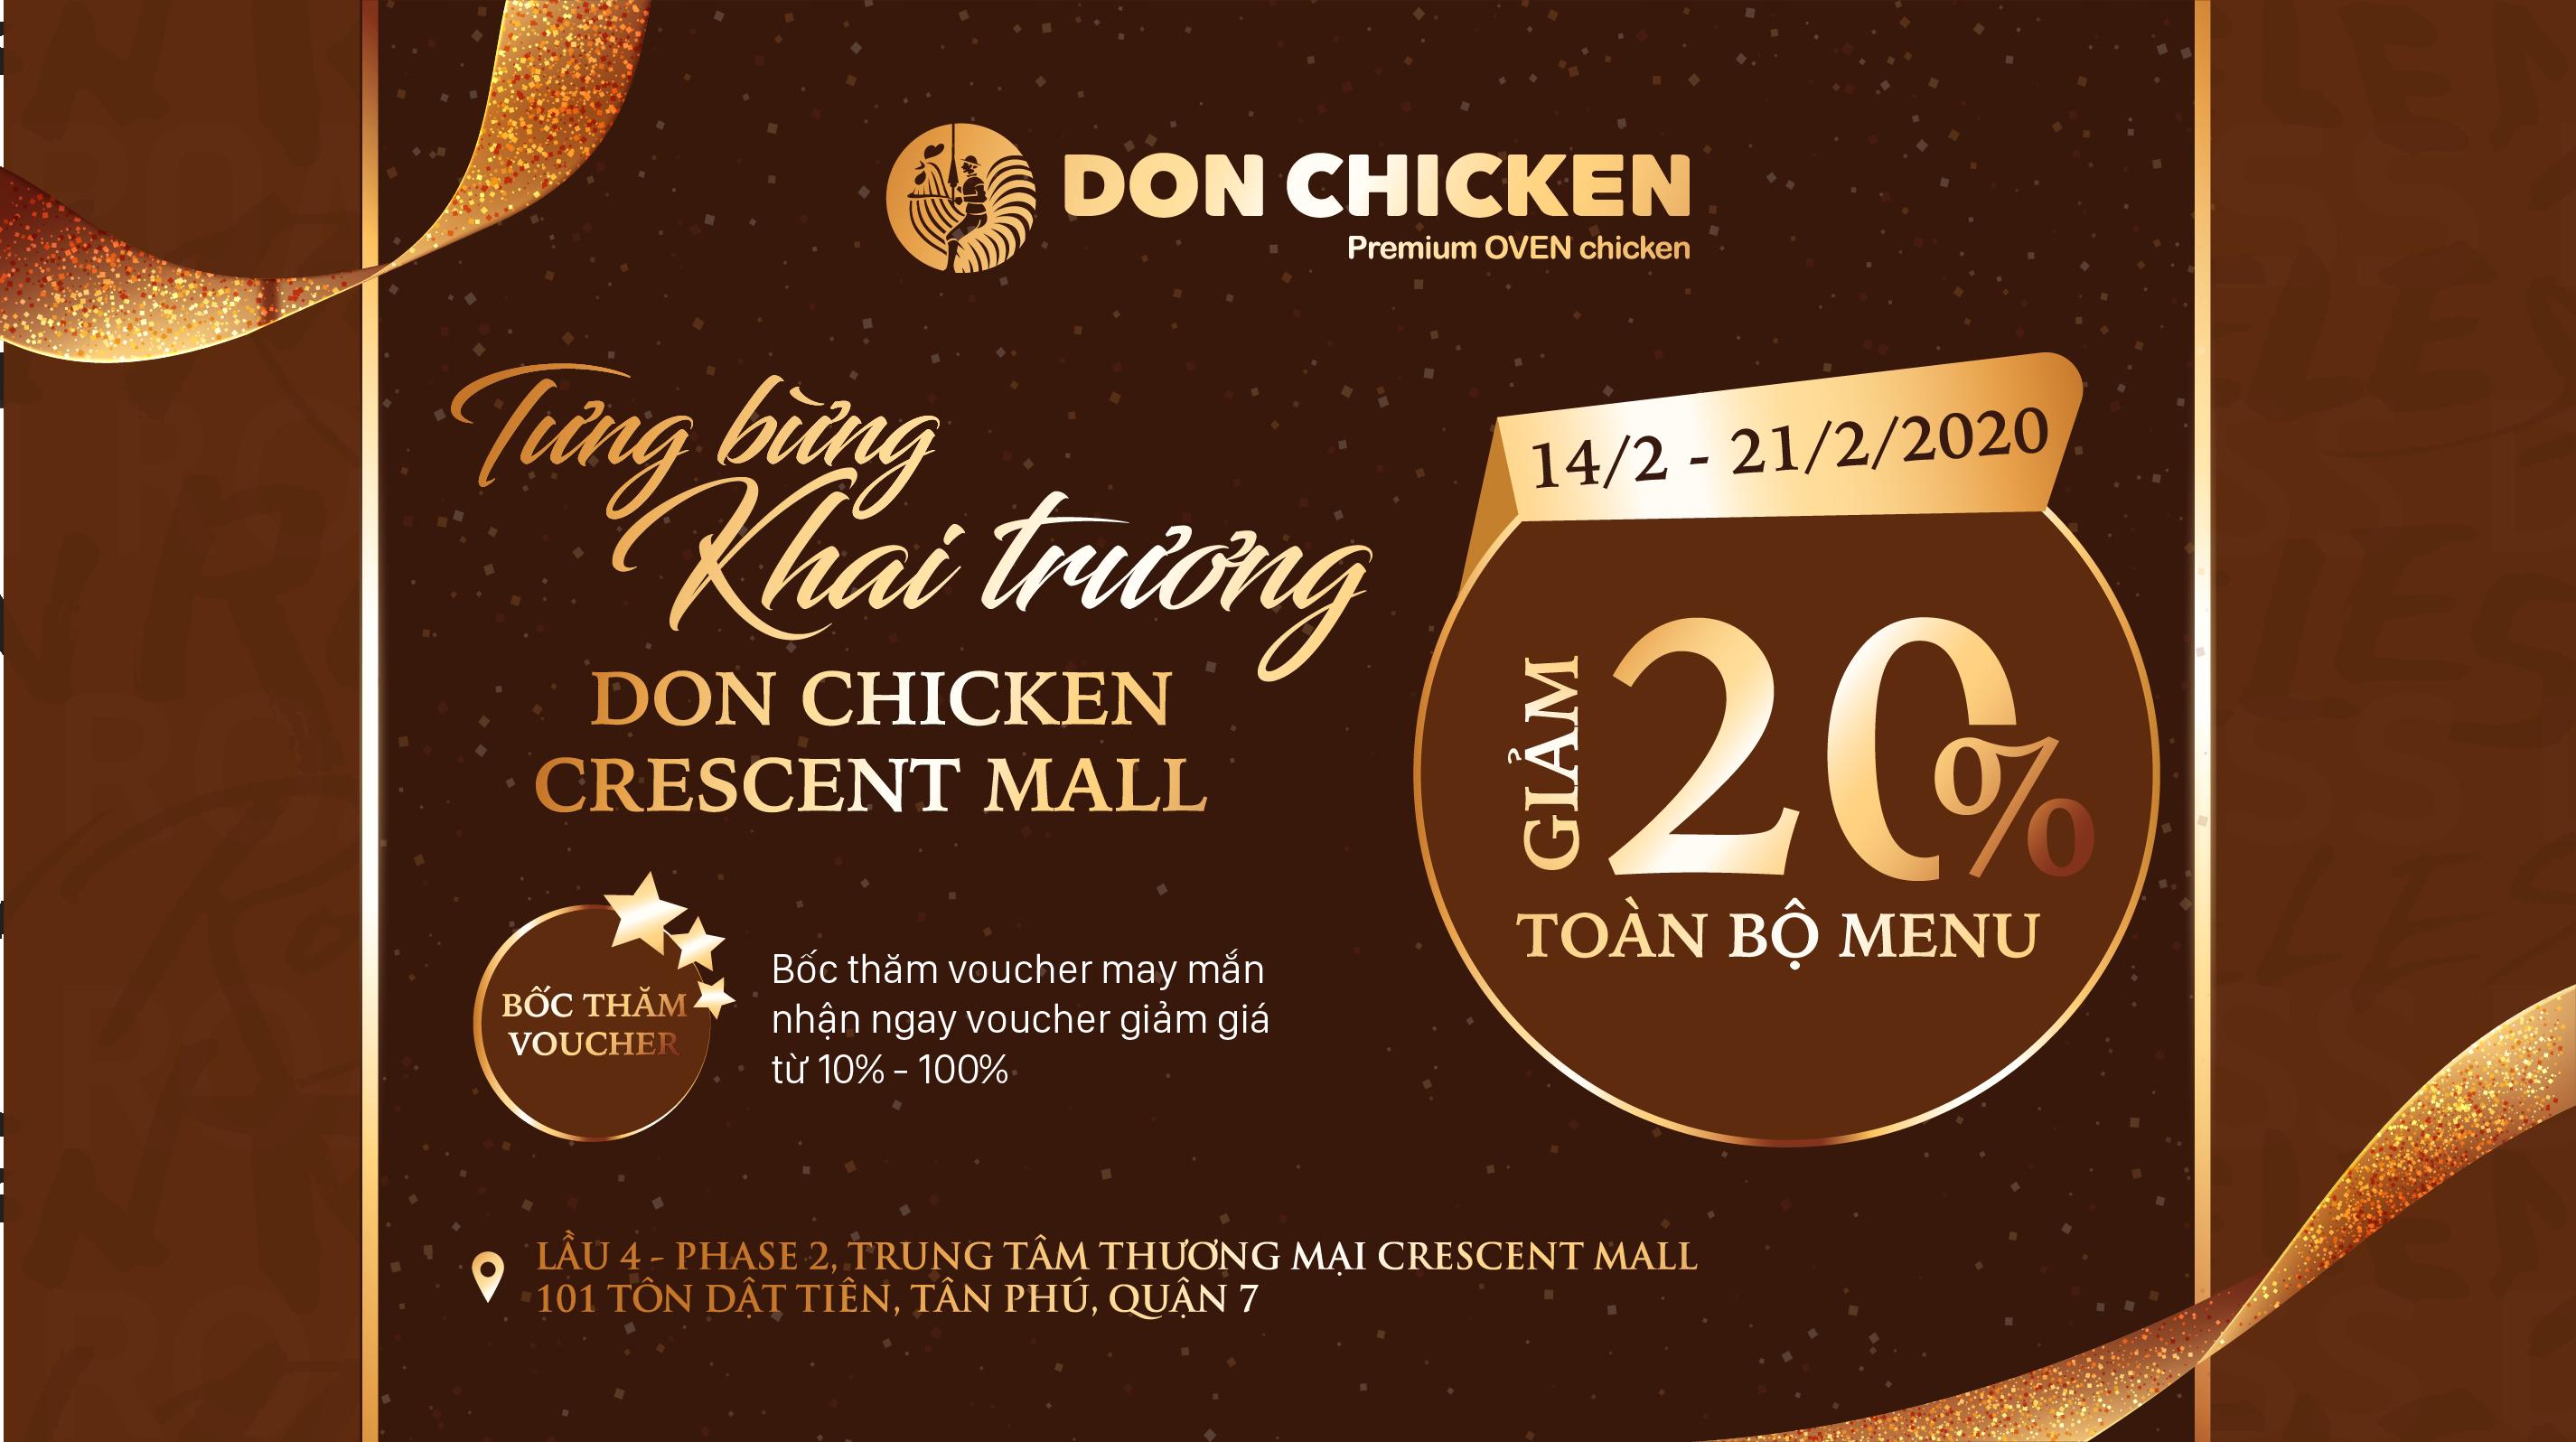 TƯNG BỪNG KHAI TRƯƠNG DON CHICKEN CRESCENT MALL